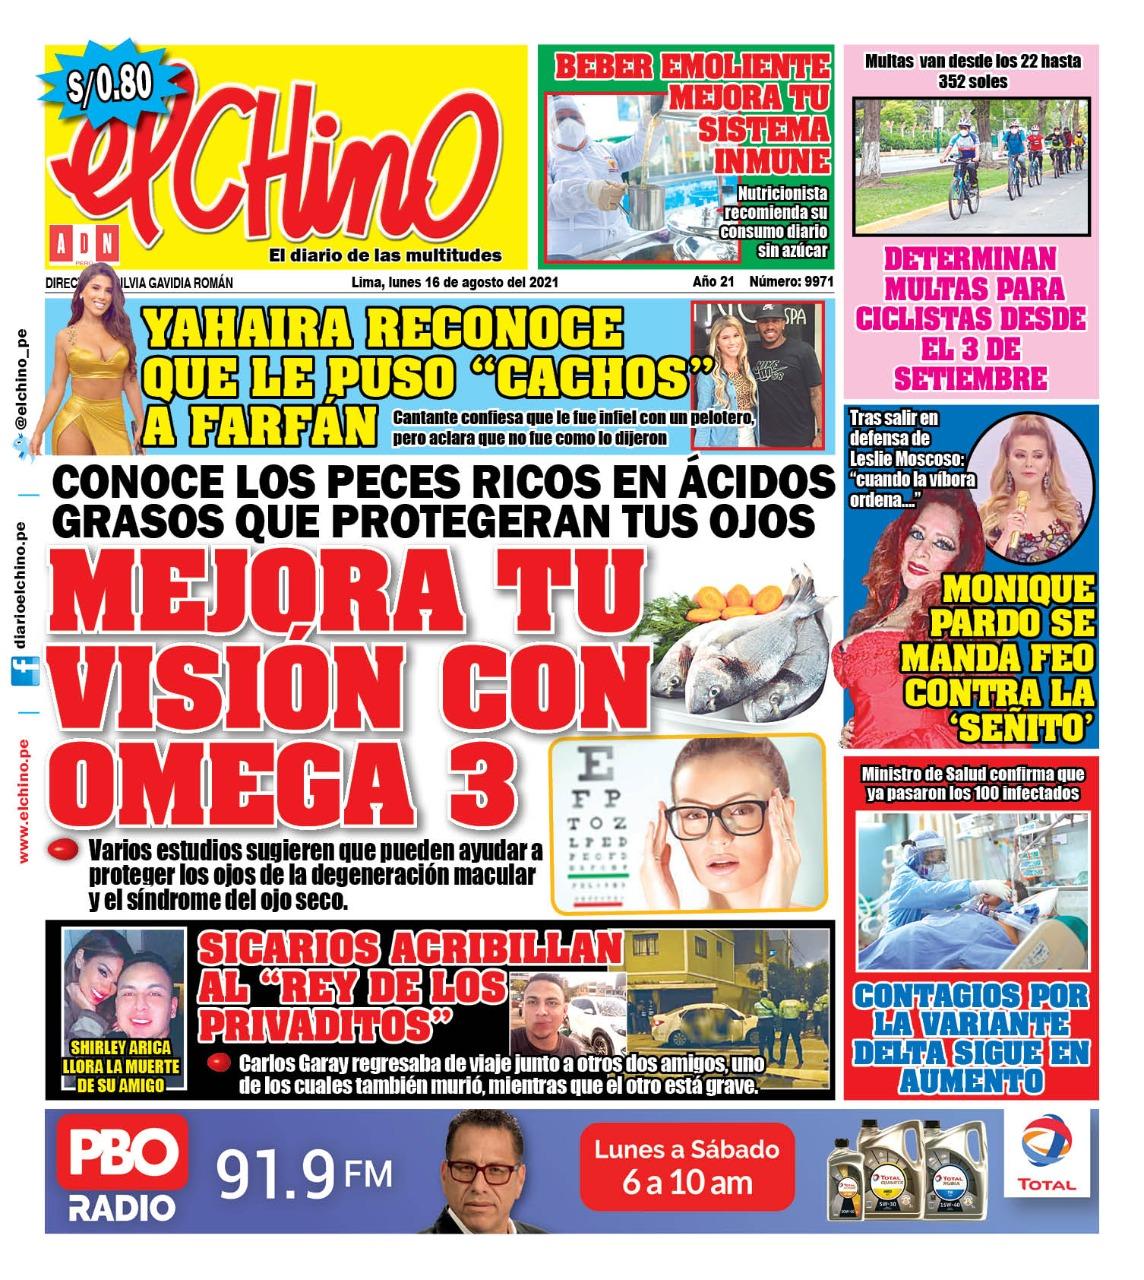 Portada impresa – Diario El Chino (16/08/2021)